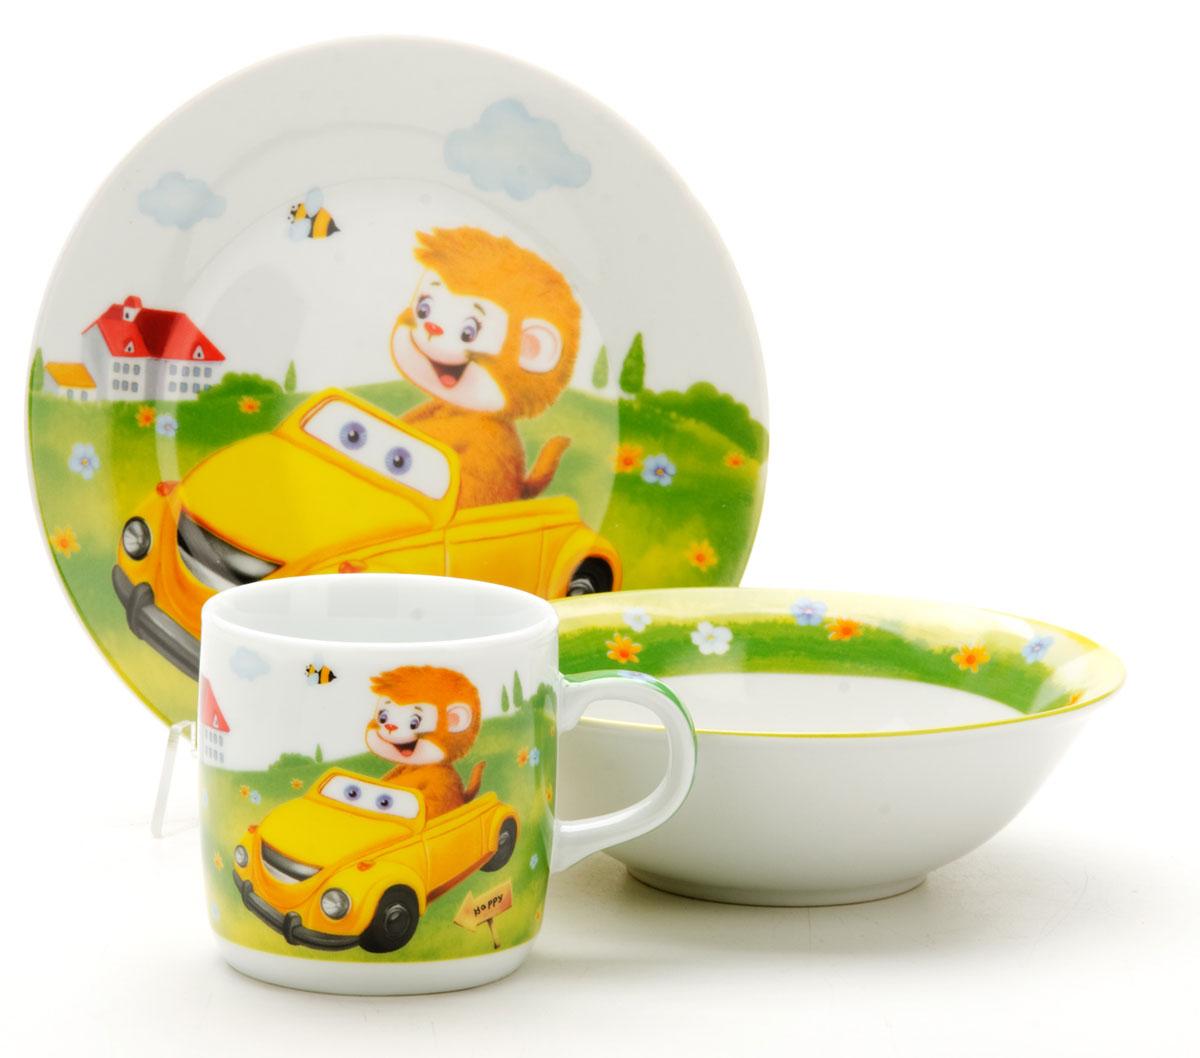 """Набор посуды Loraine"""" сочетает в себе изысканный дизайн с максимальной функциональностью. В набор входят суповая тарелка, обеденная тарелка и кружка.  Предметы набора выполнены из высококачественной керамики, декорированы красочным рисунком. Благодаря такому набору обед вашего ребенка будет еще вкуснее. Набор упакован в красочную, подарочную упаковку.   Диаметр суповой тарелки: 15 см.  Диаметр обеденной тарелки: 17,5 см.  Объем кружки: 230 мл."""